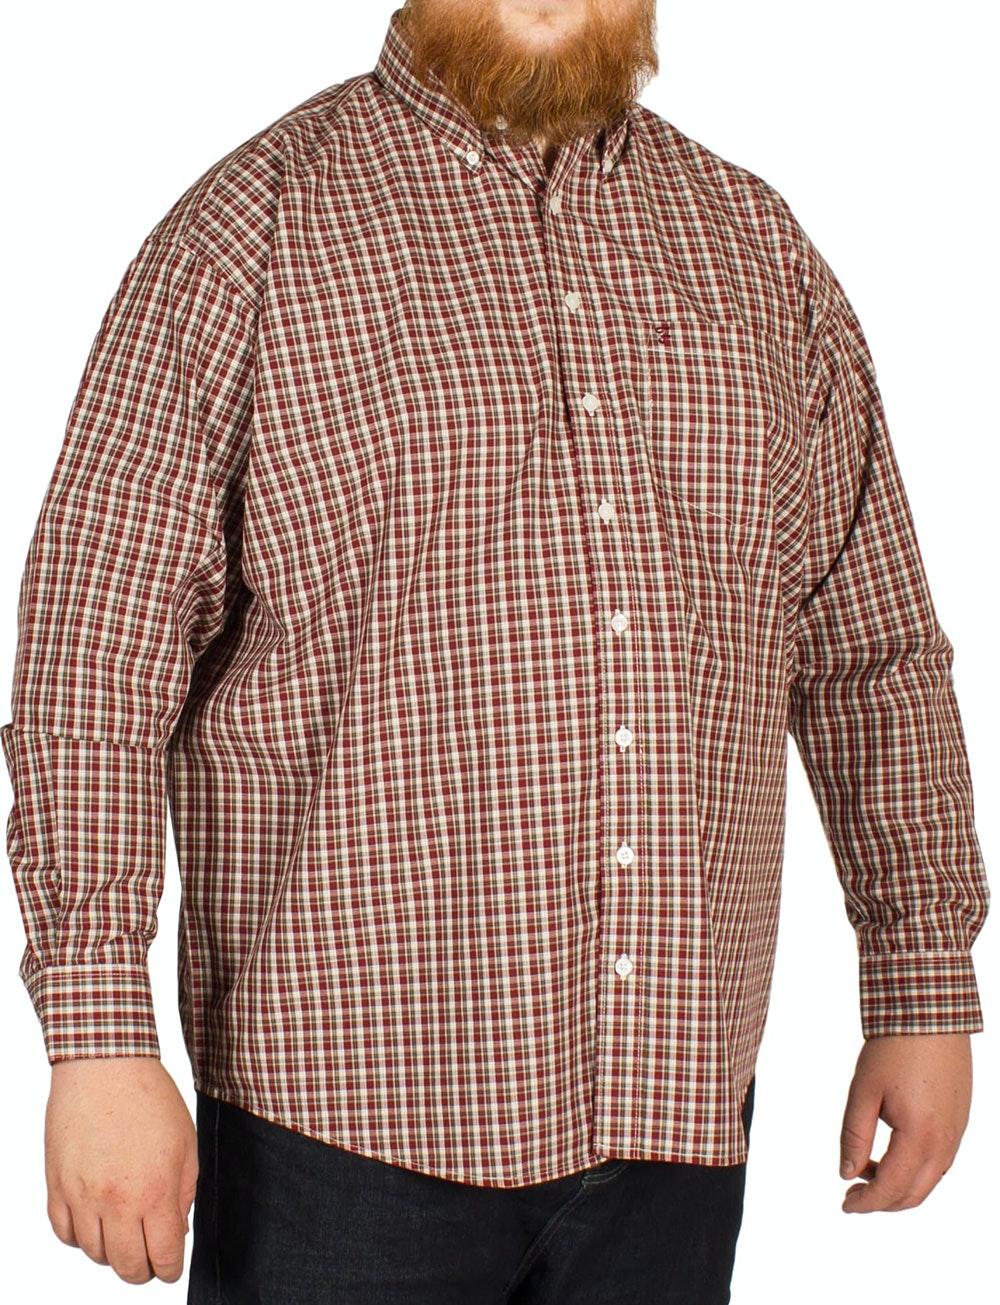 Farah Birket Long Sleeved Check Shirt Deep Red